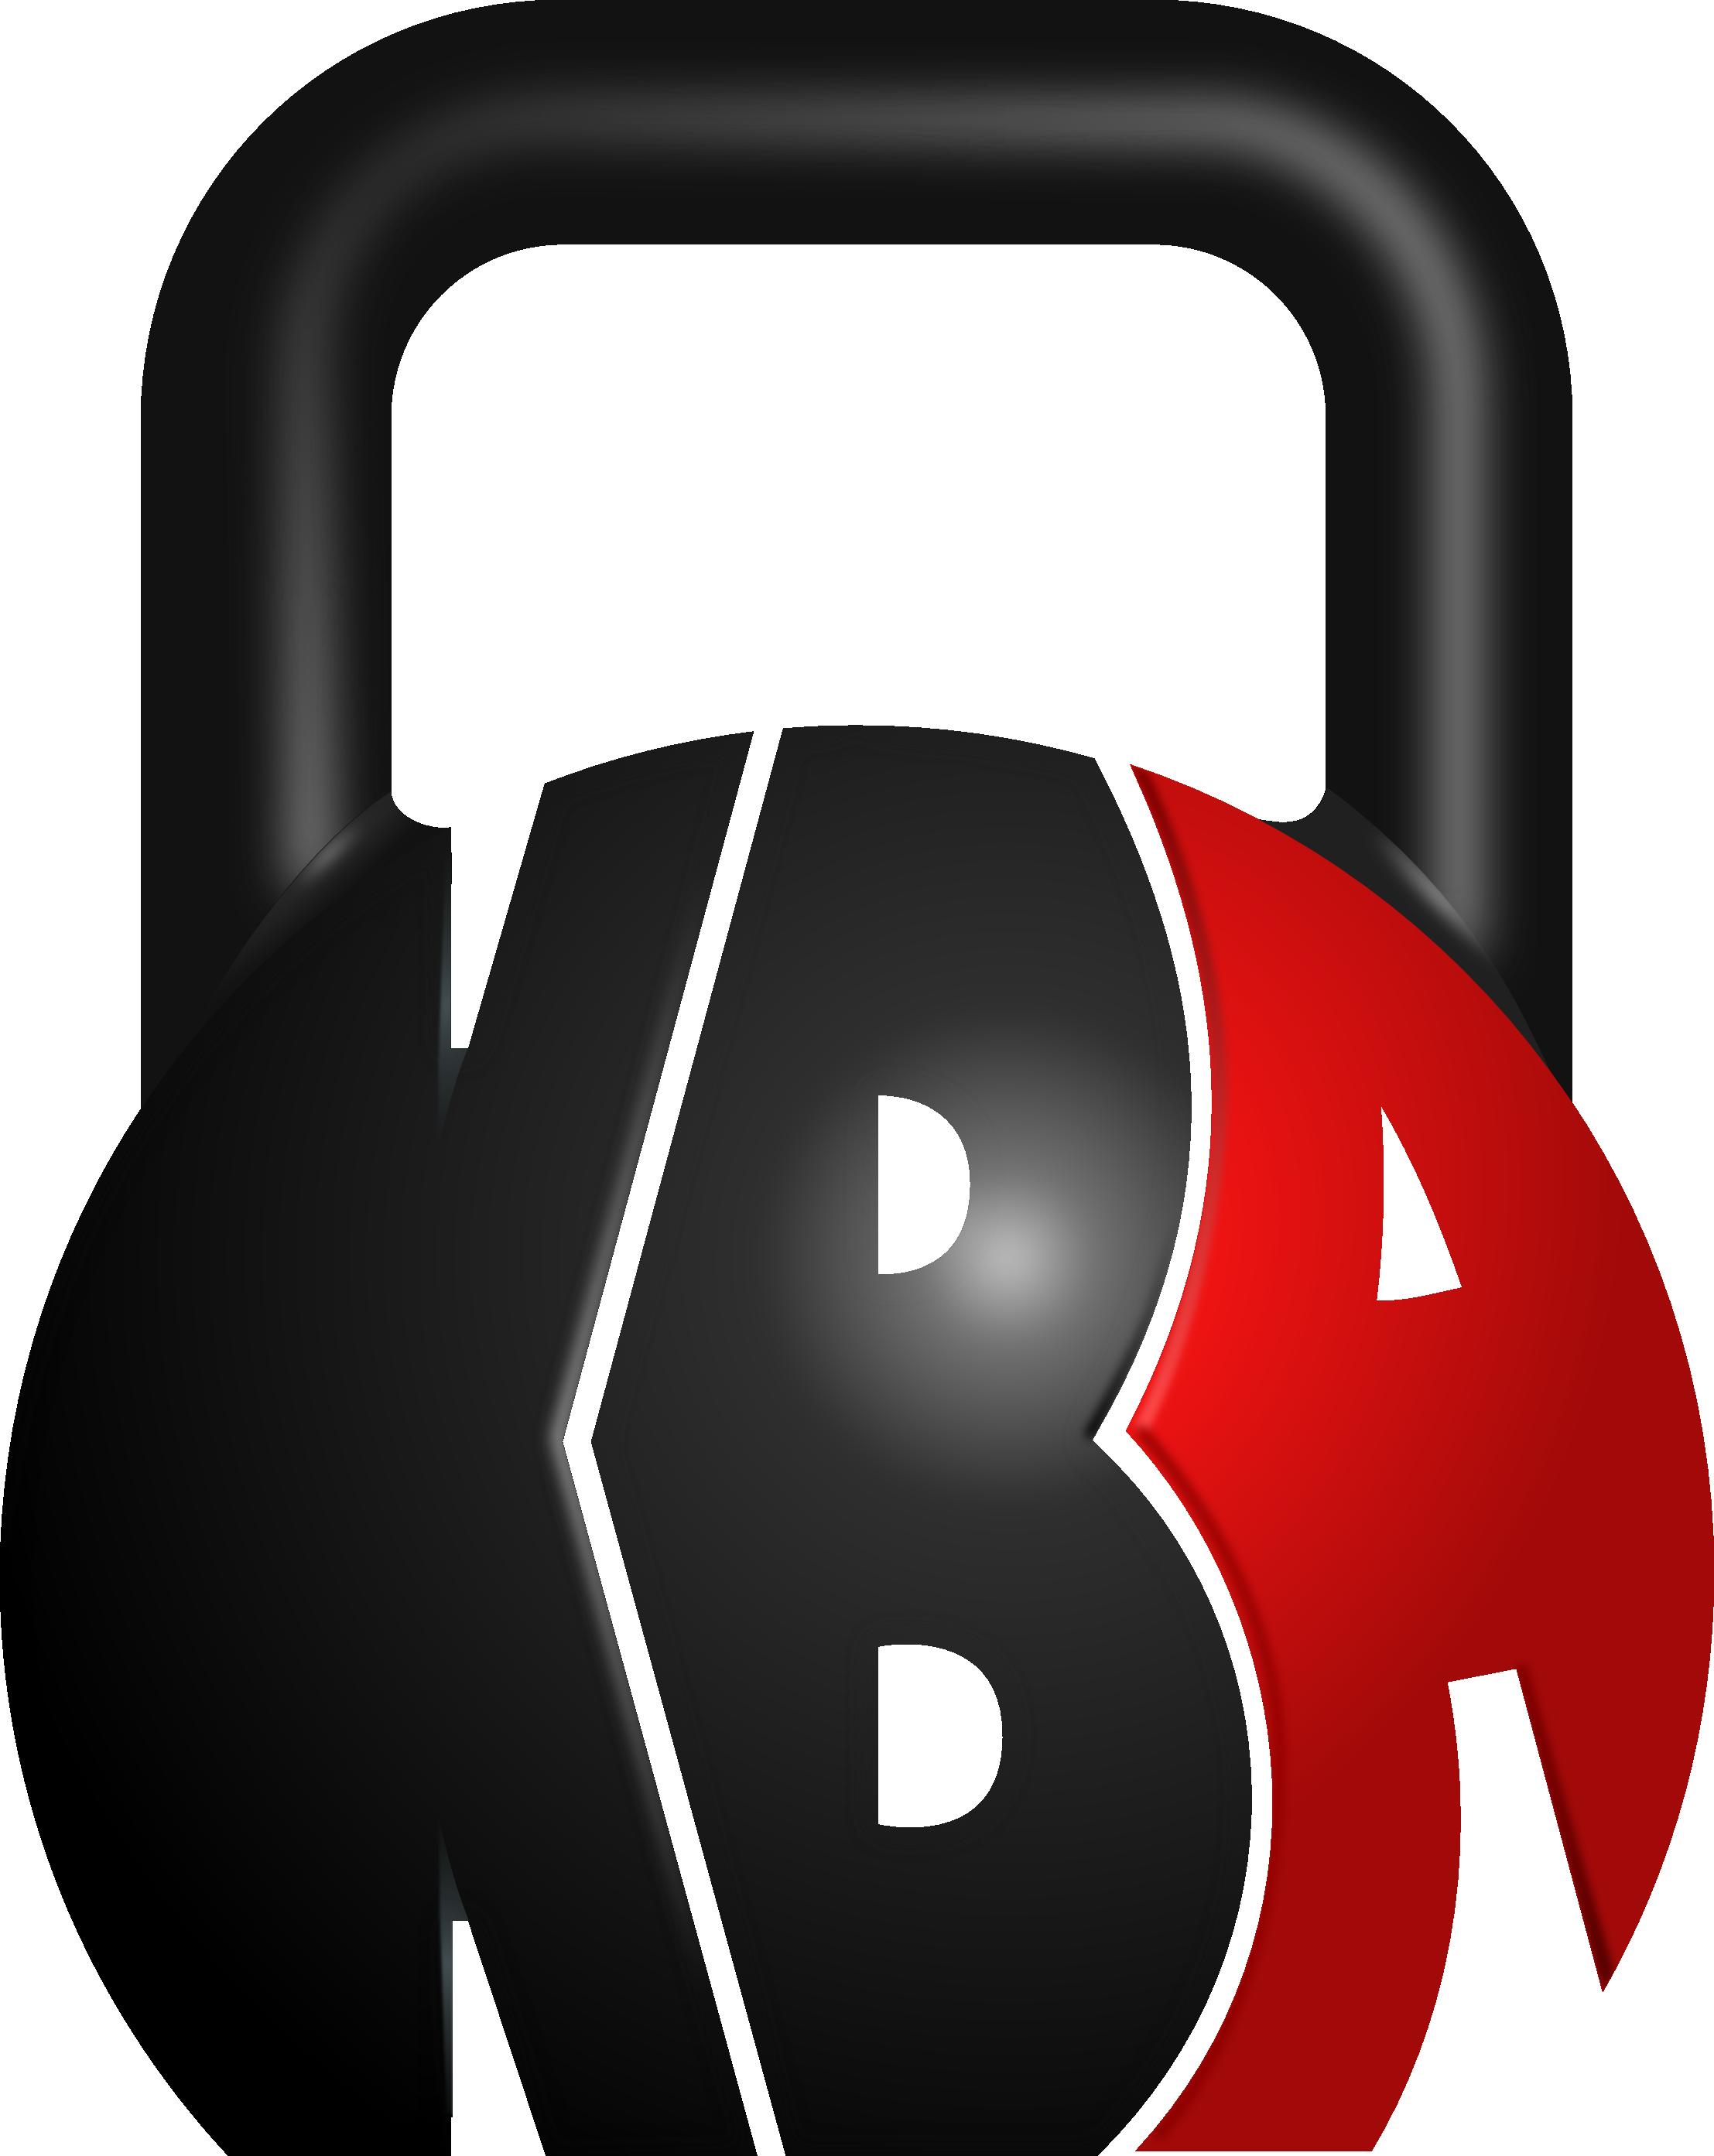 Kettlebell logo clip art. Dumbbell clipart red